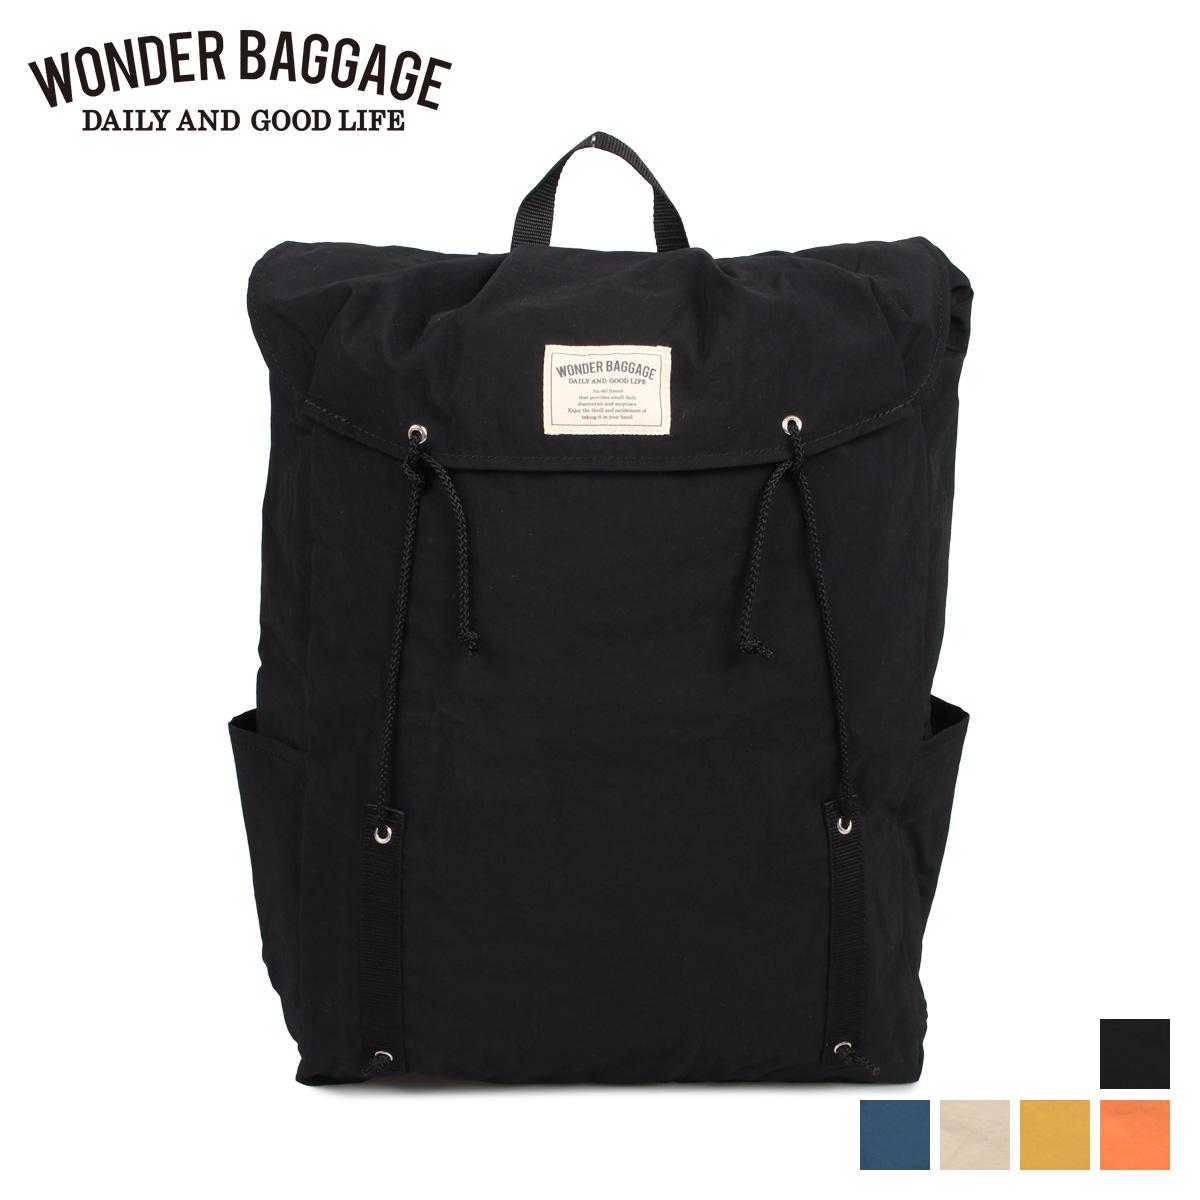 ワンダーバゲージ WONDER BAGGAGE リュック バッグ バックパック メンズ レディース 16L SUNNY DRAW STRING PACK ブラック ネイビー ベージュ マスタード オレンジ 黒 [4/6 新入荷]